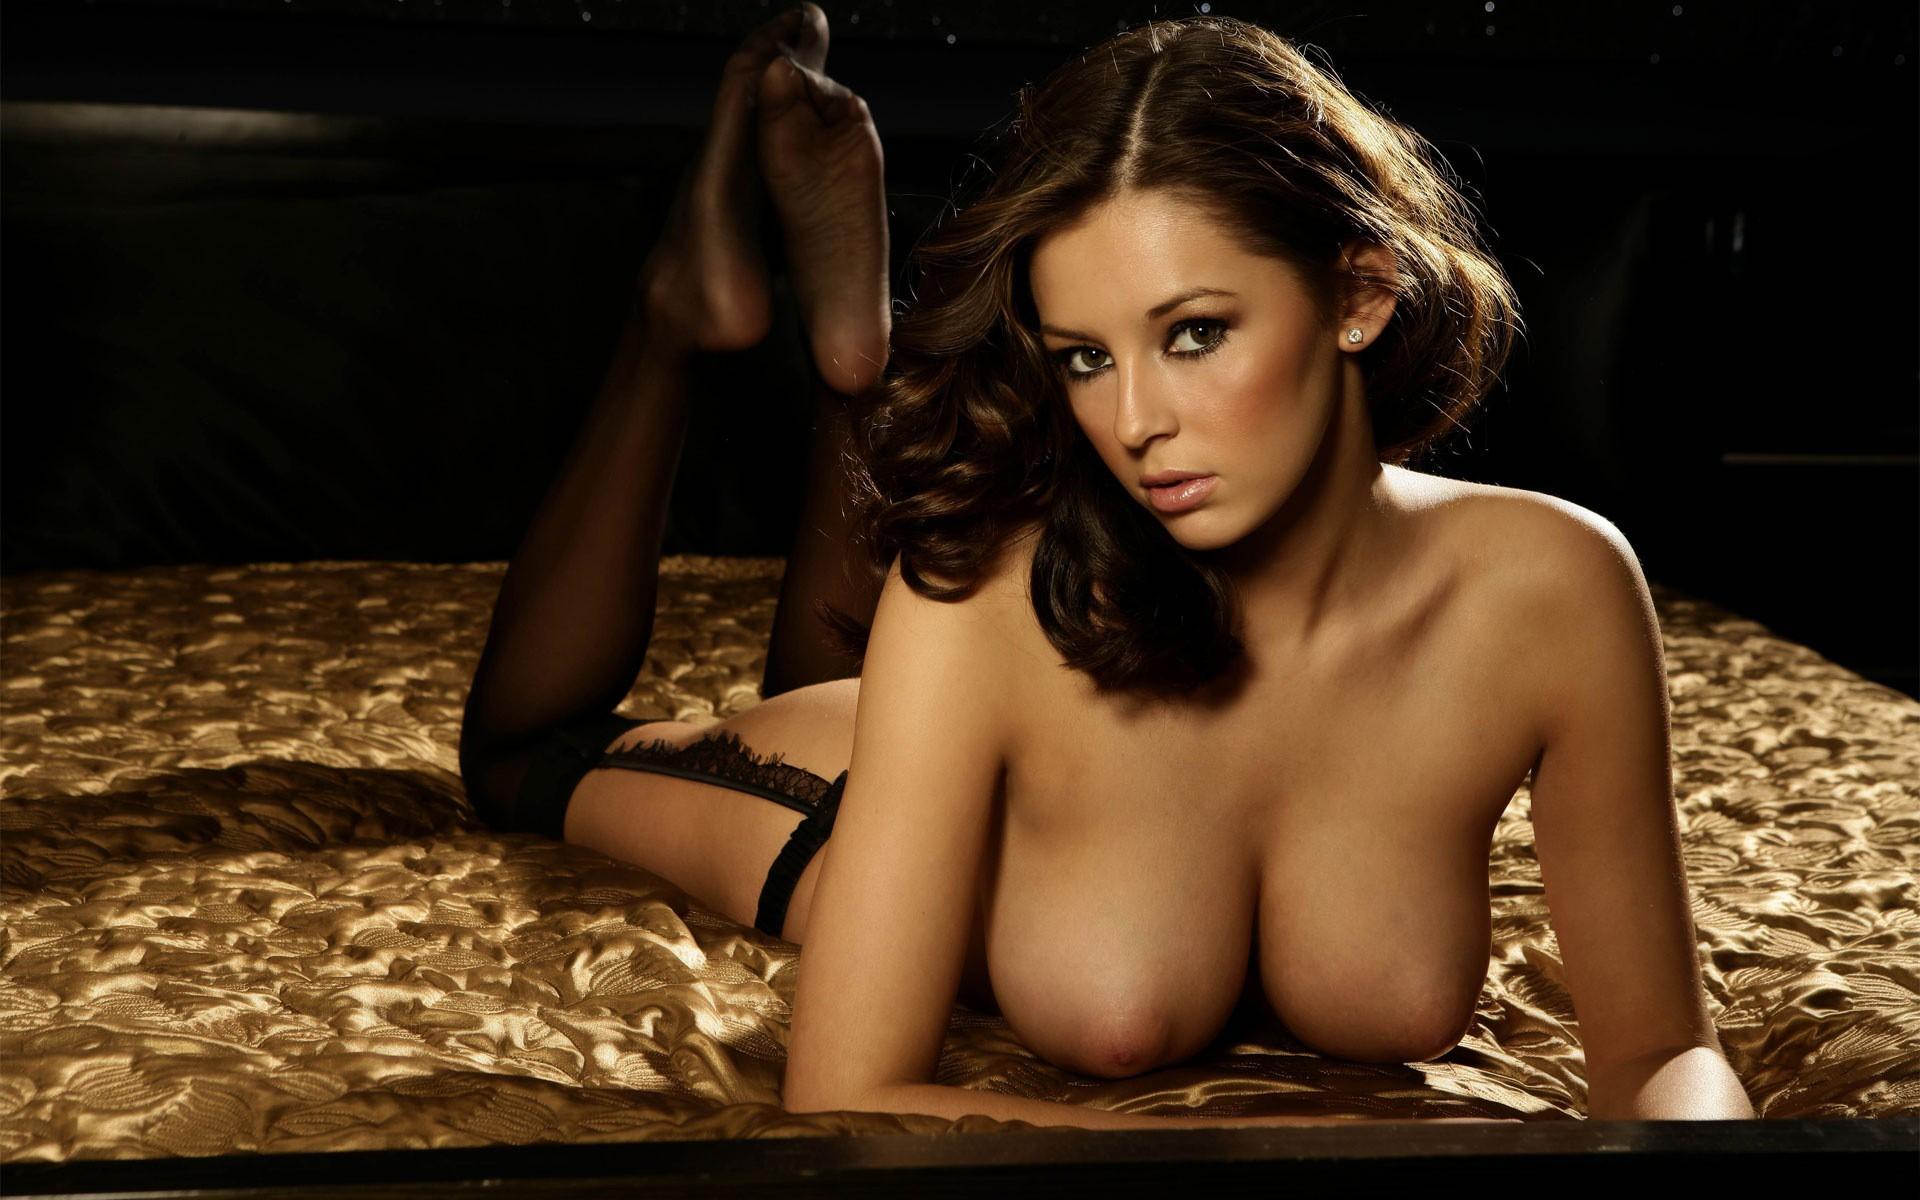 Смотреть девушки россии звезды эротику дрочат везде смотреть